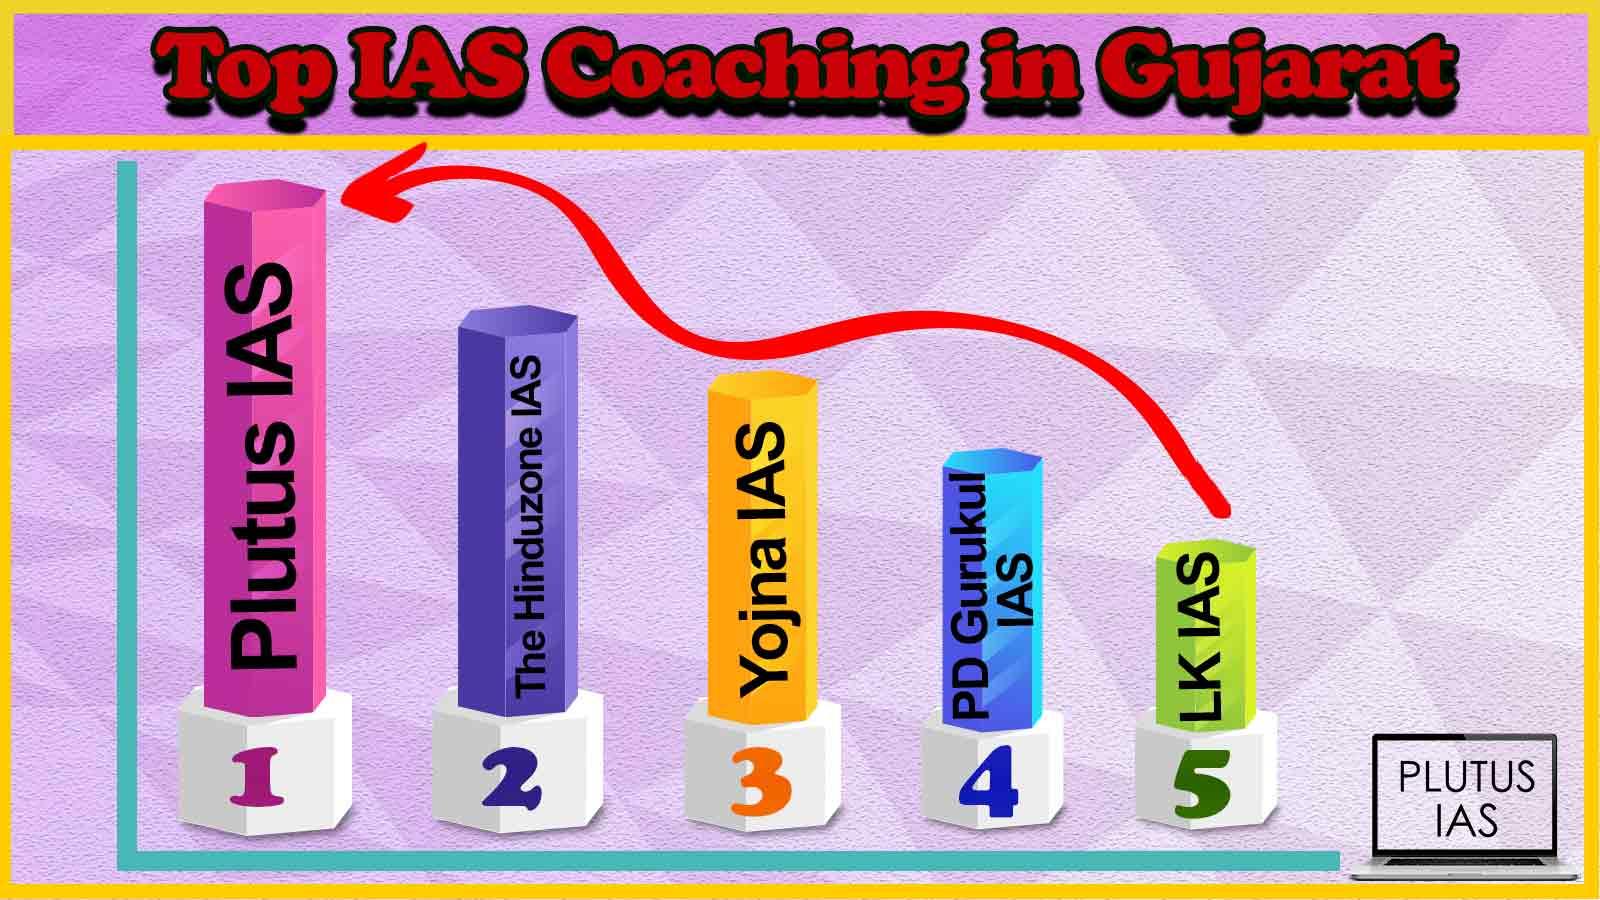 Best 10 IAS Coaching in Gujarat